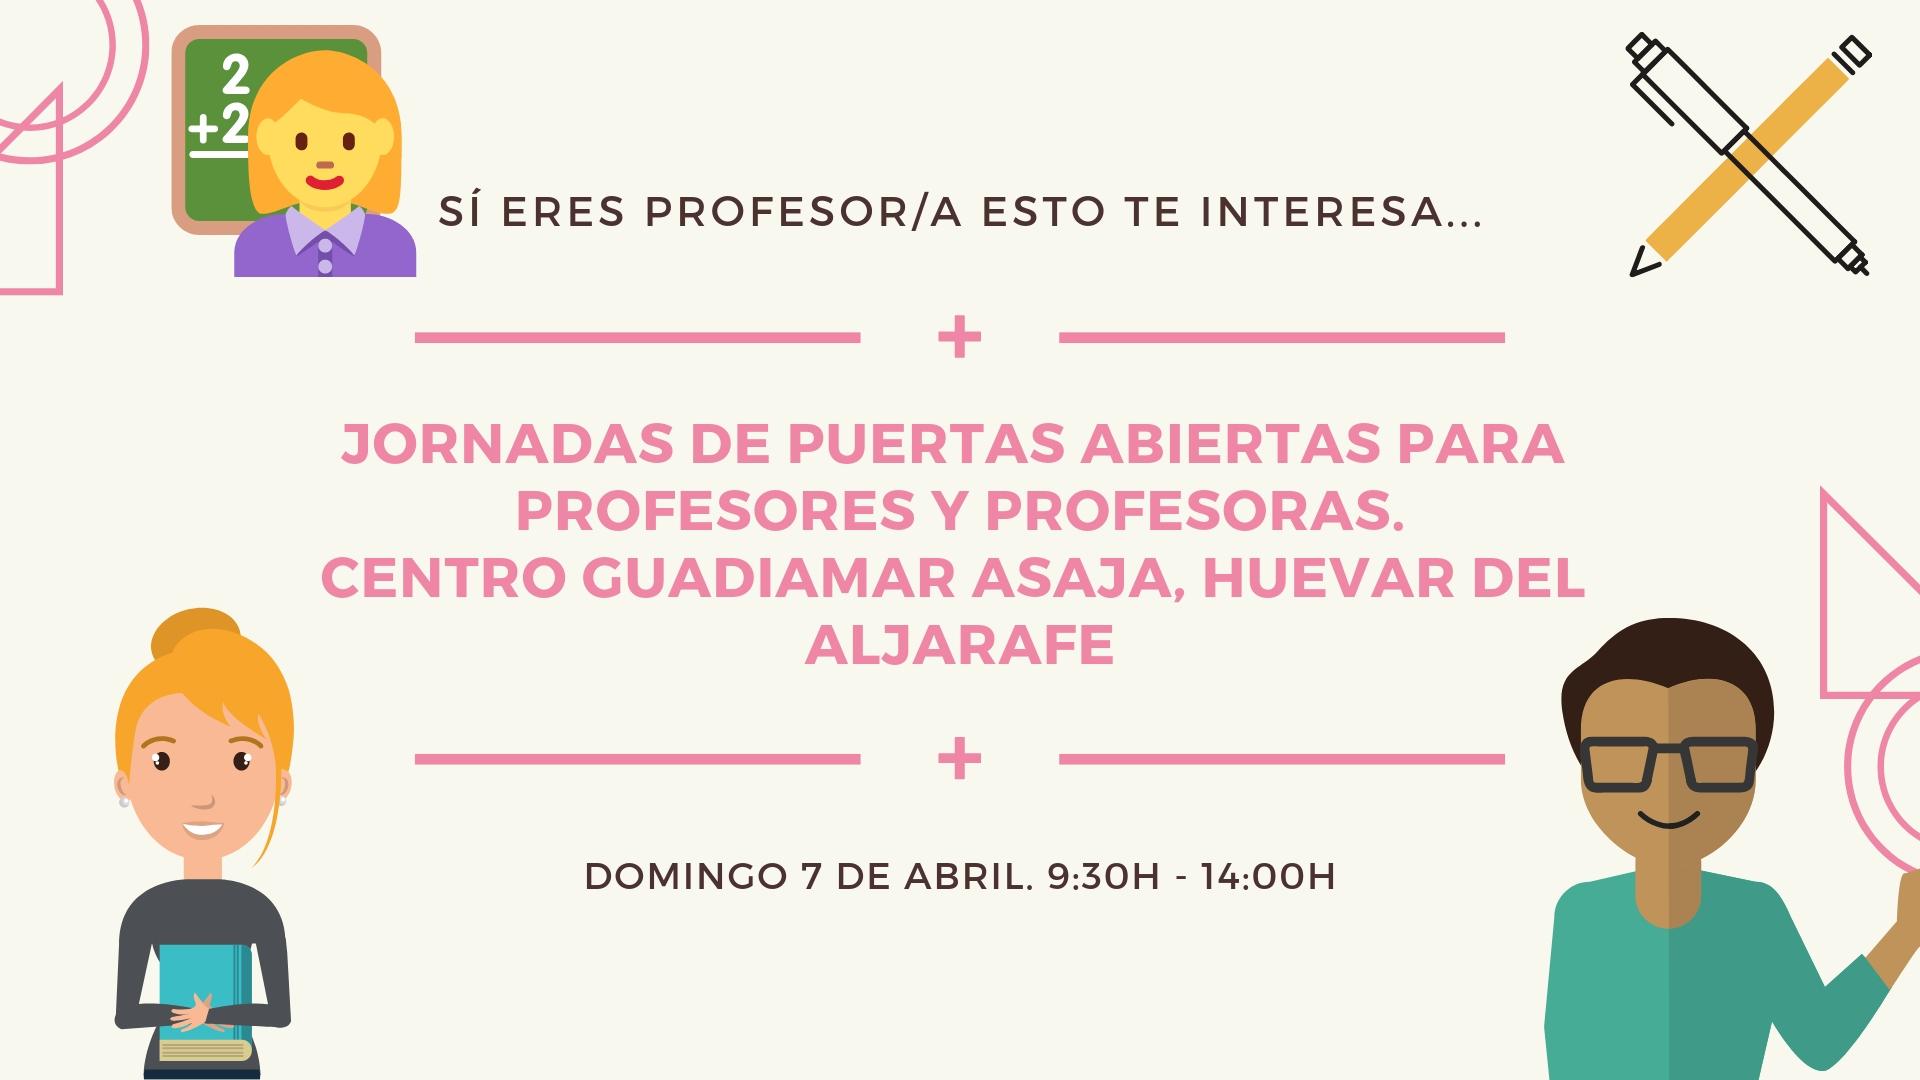 I Jornadas de Puertas Abiertas Profesores en Centro Guadiamar- Asaja